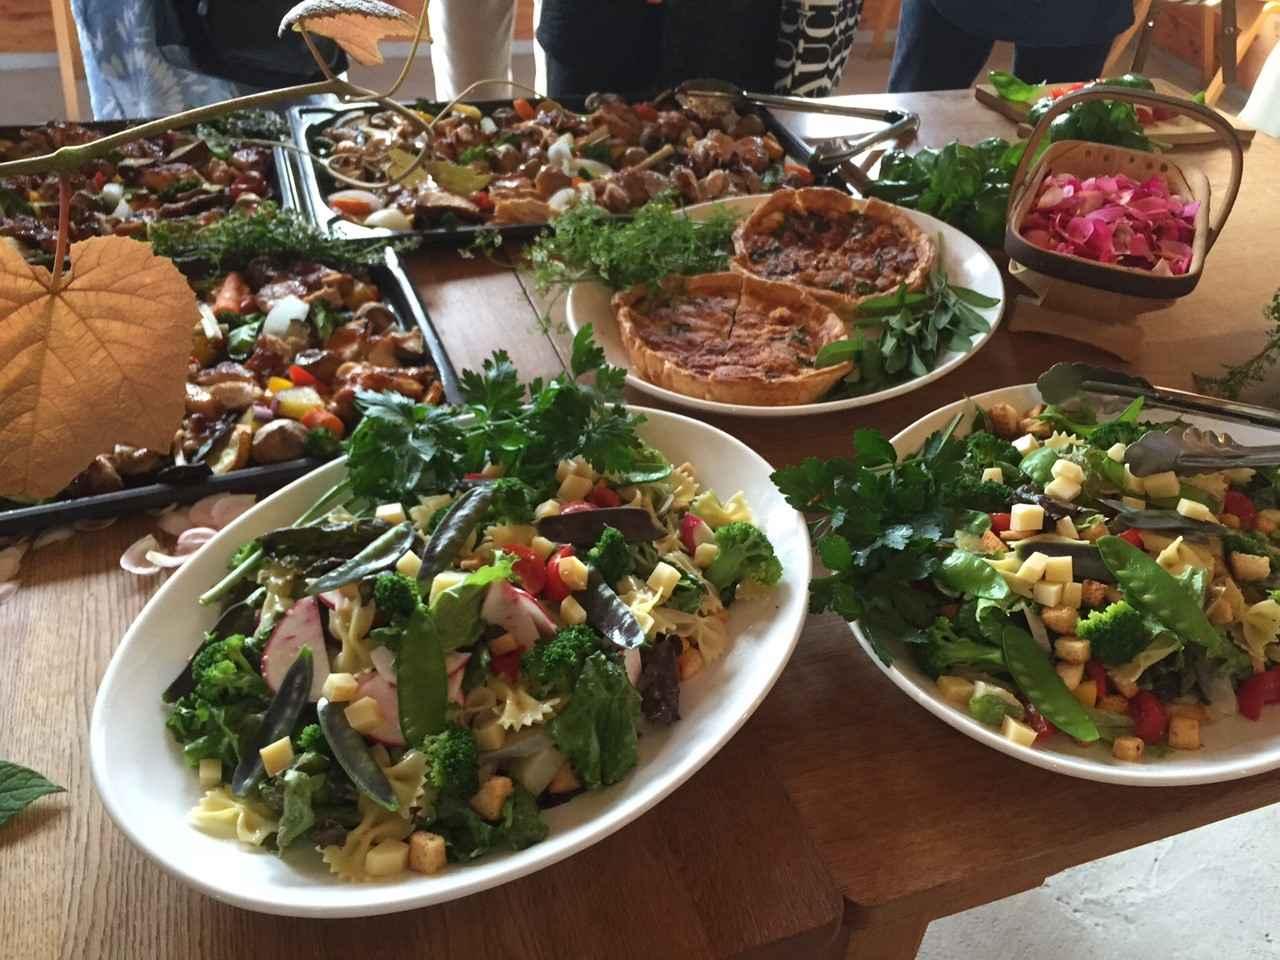 画像: とれたて野菜のコブサラだやキッシュやチキンも。